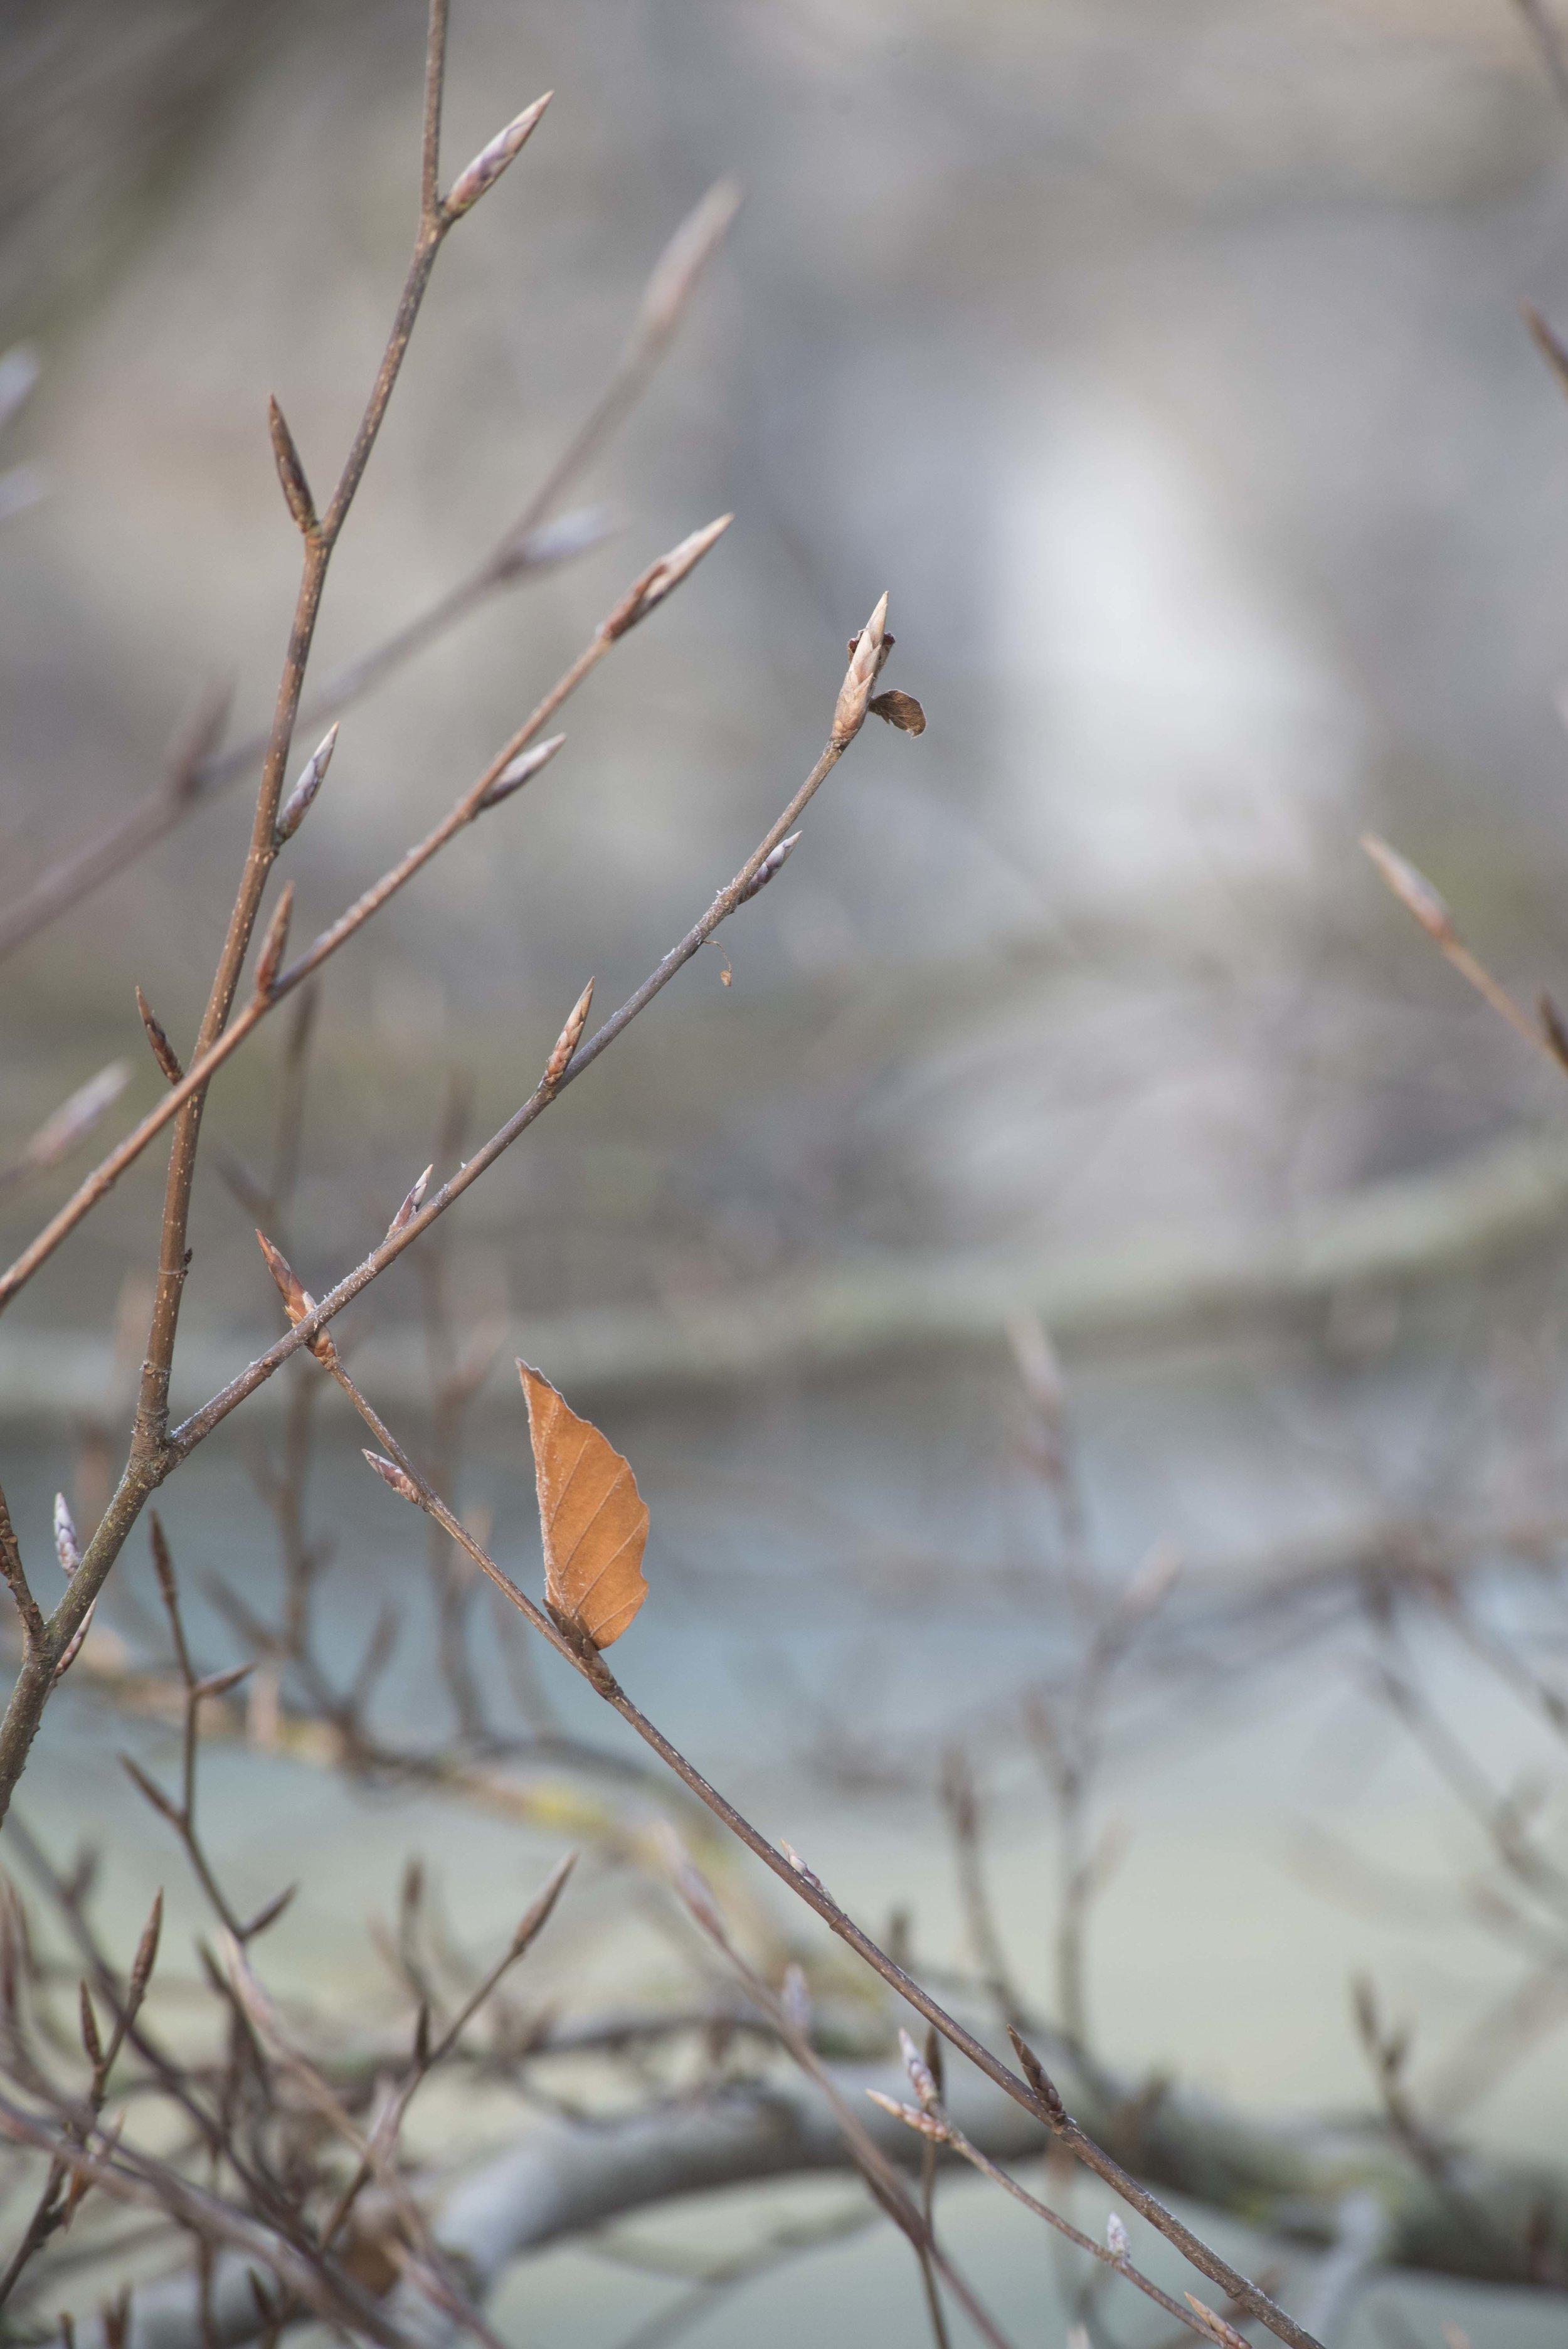 Red brown leaf in winter landscape